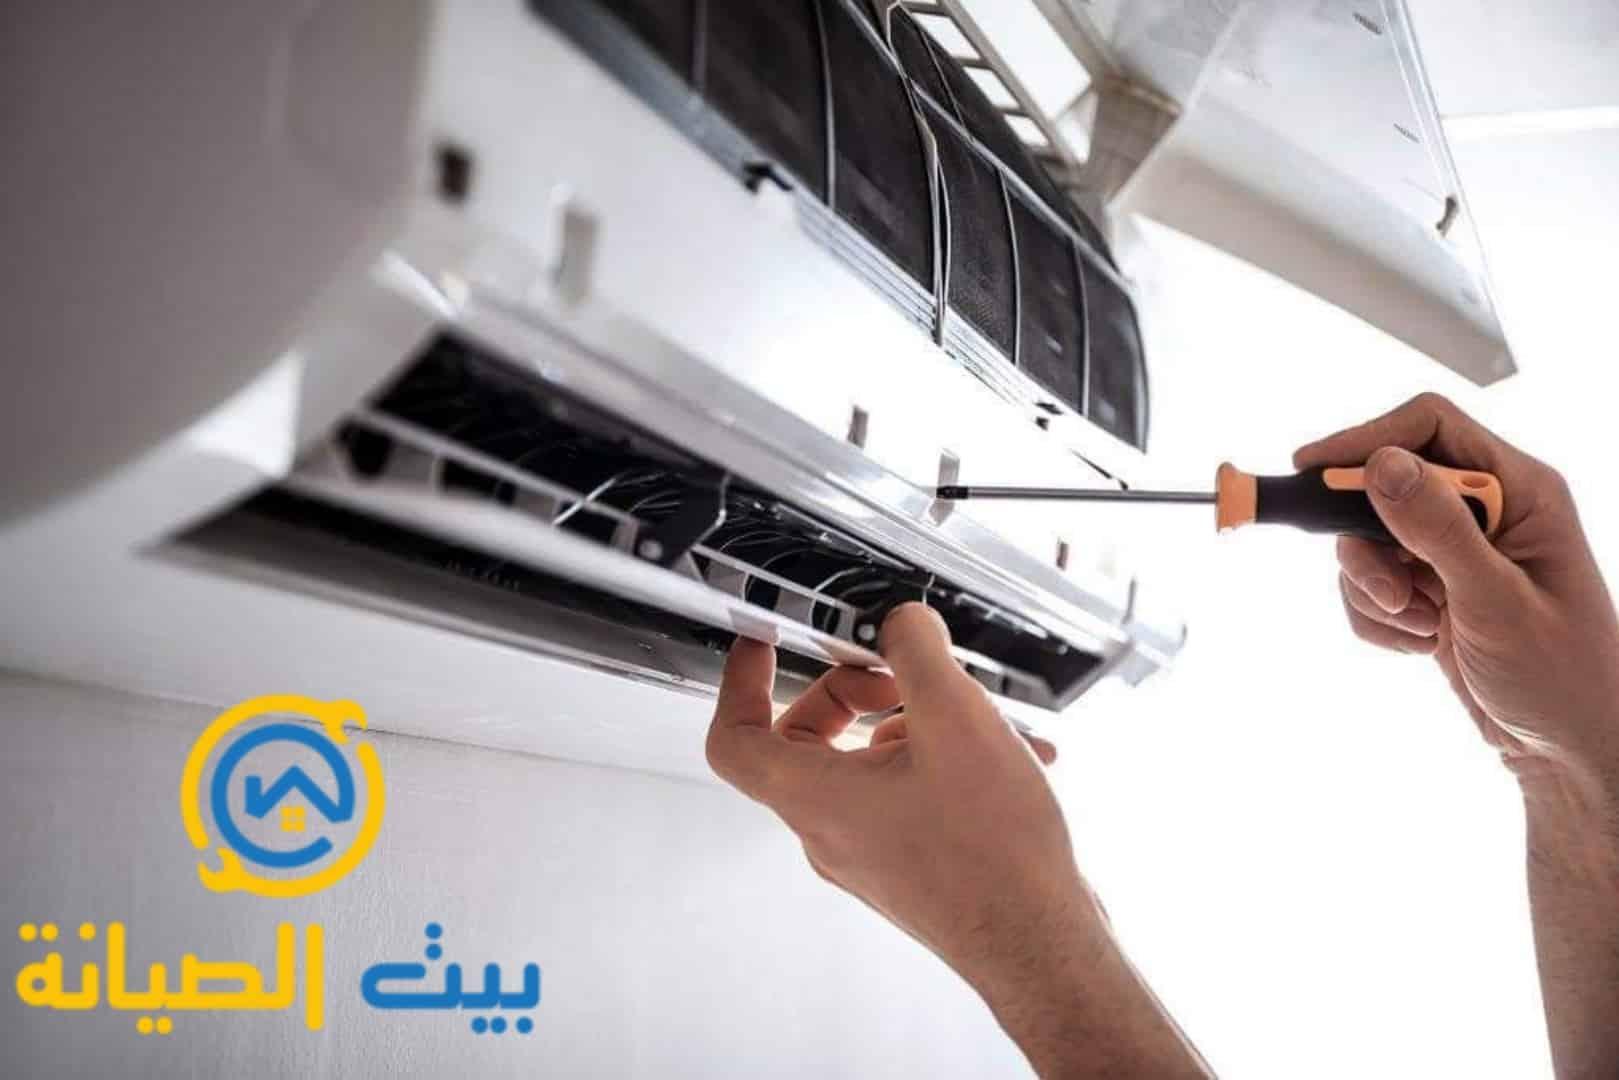 بيت الصيانة أفضل شركة تنظيف مكيفات بالدمام